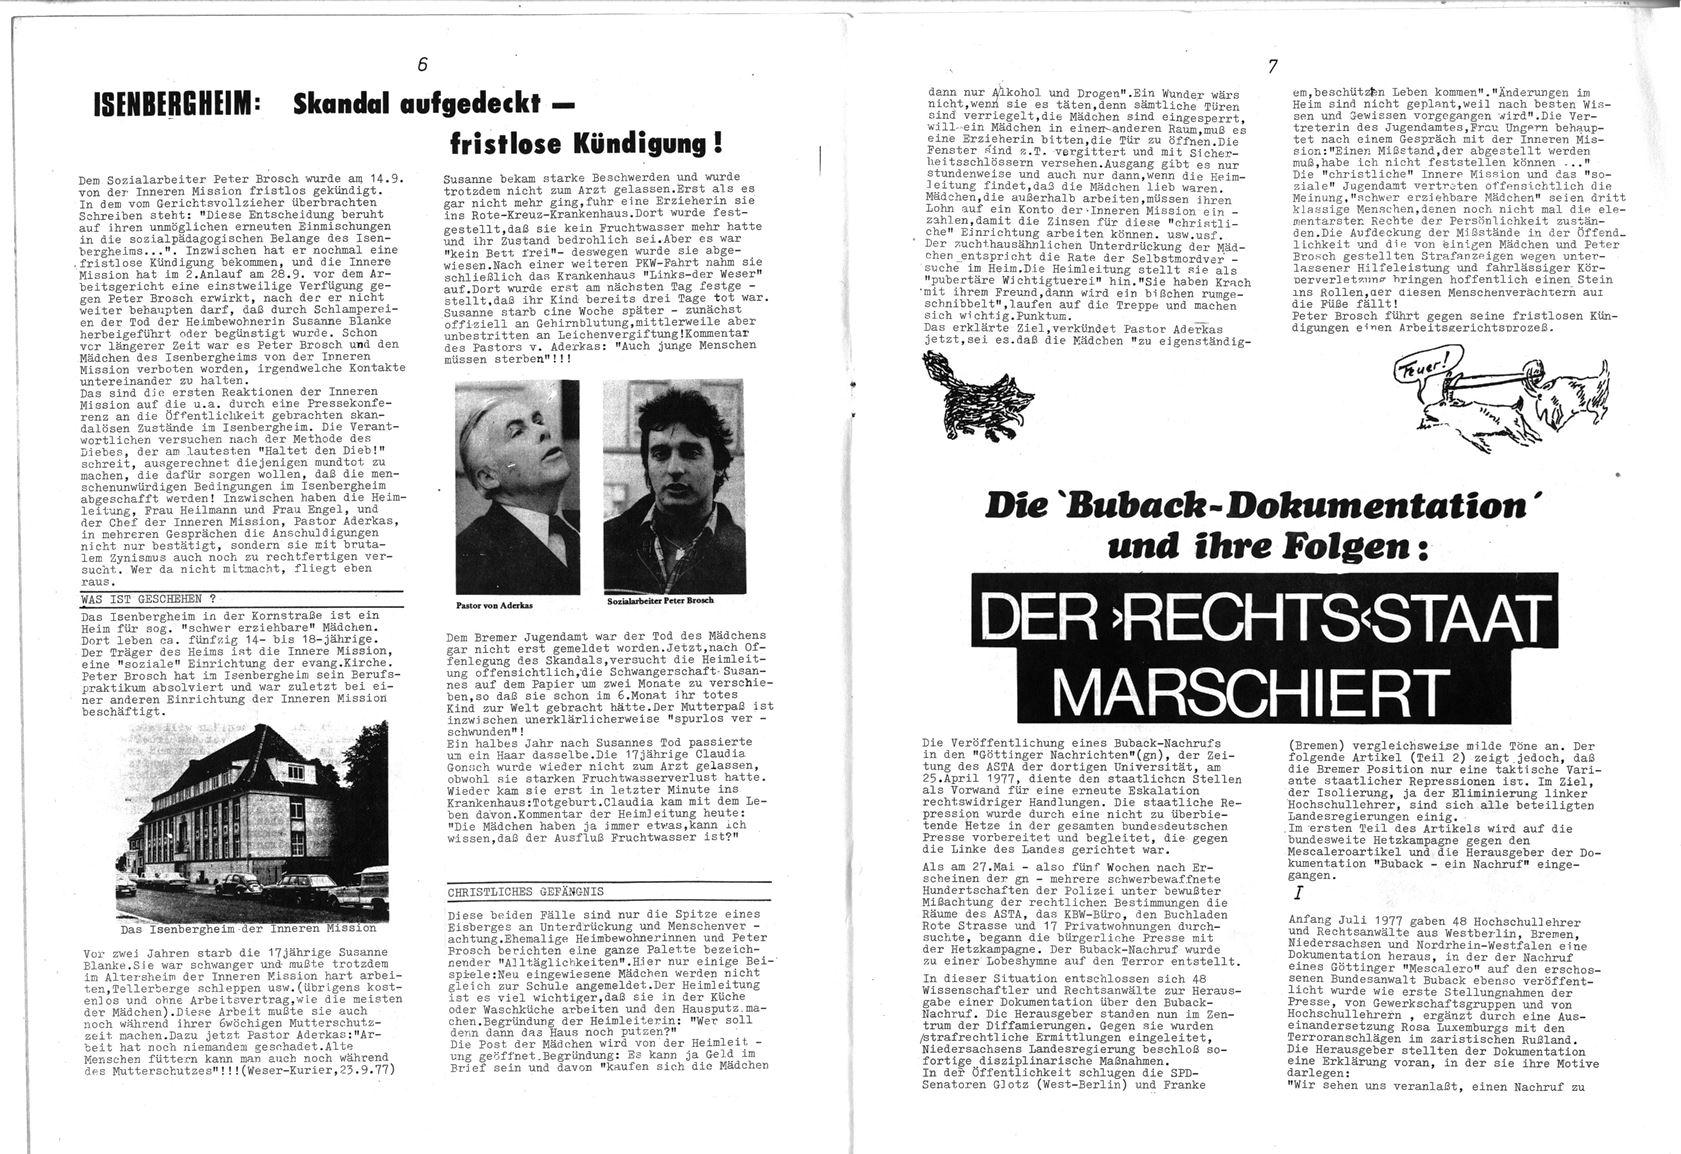 Bremen_Politische_Unterdrueckung_005